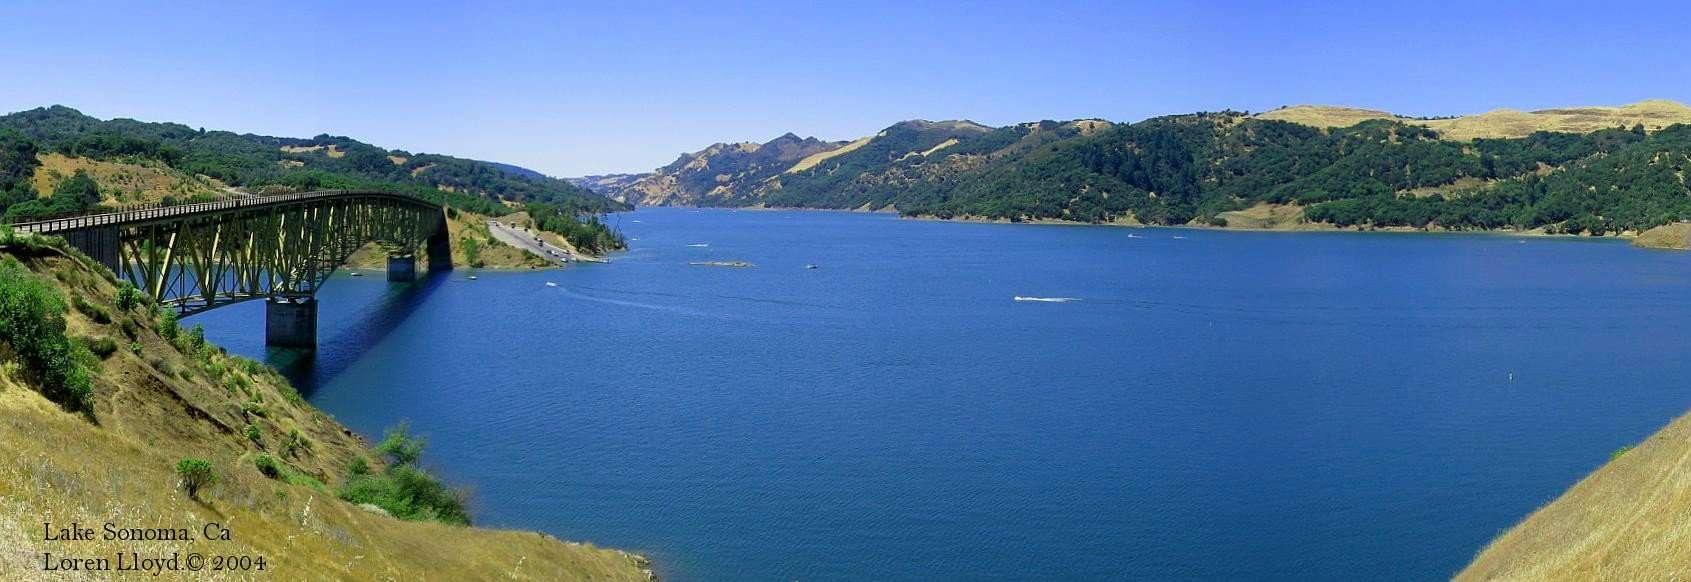 Lake sonoma camping for Lake sonoma fishing report